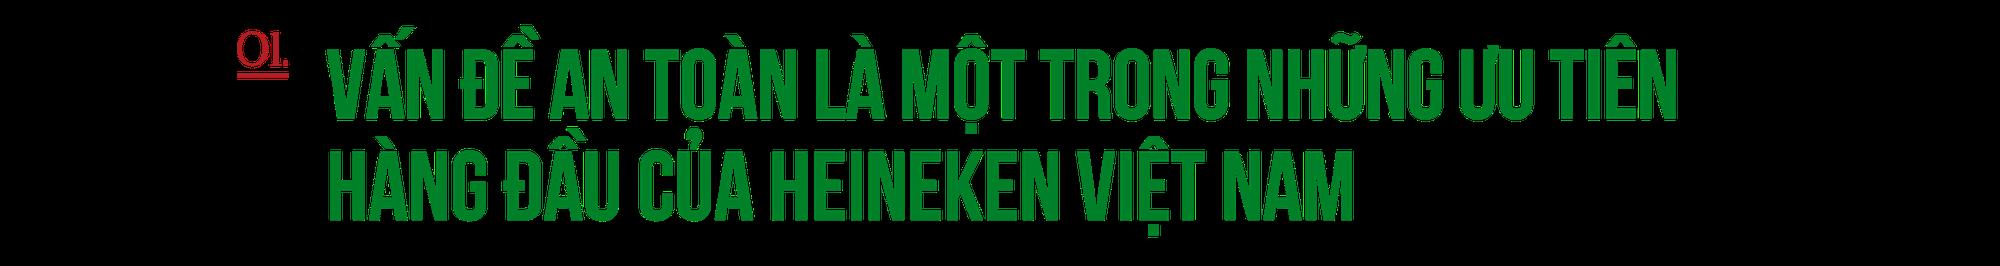 Người tiêu dùng Việt chung tay cùng Heineken® cam kết Đã uống rượu bia - Không lái xe: Từ lời nói đến hành động - Ảnh 1.